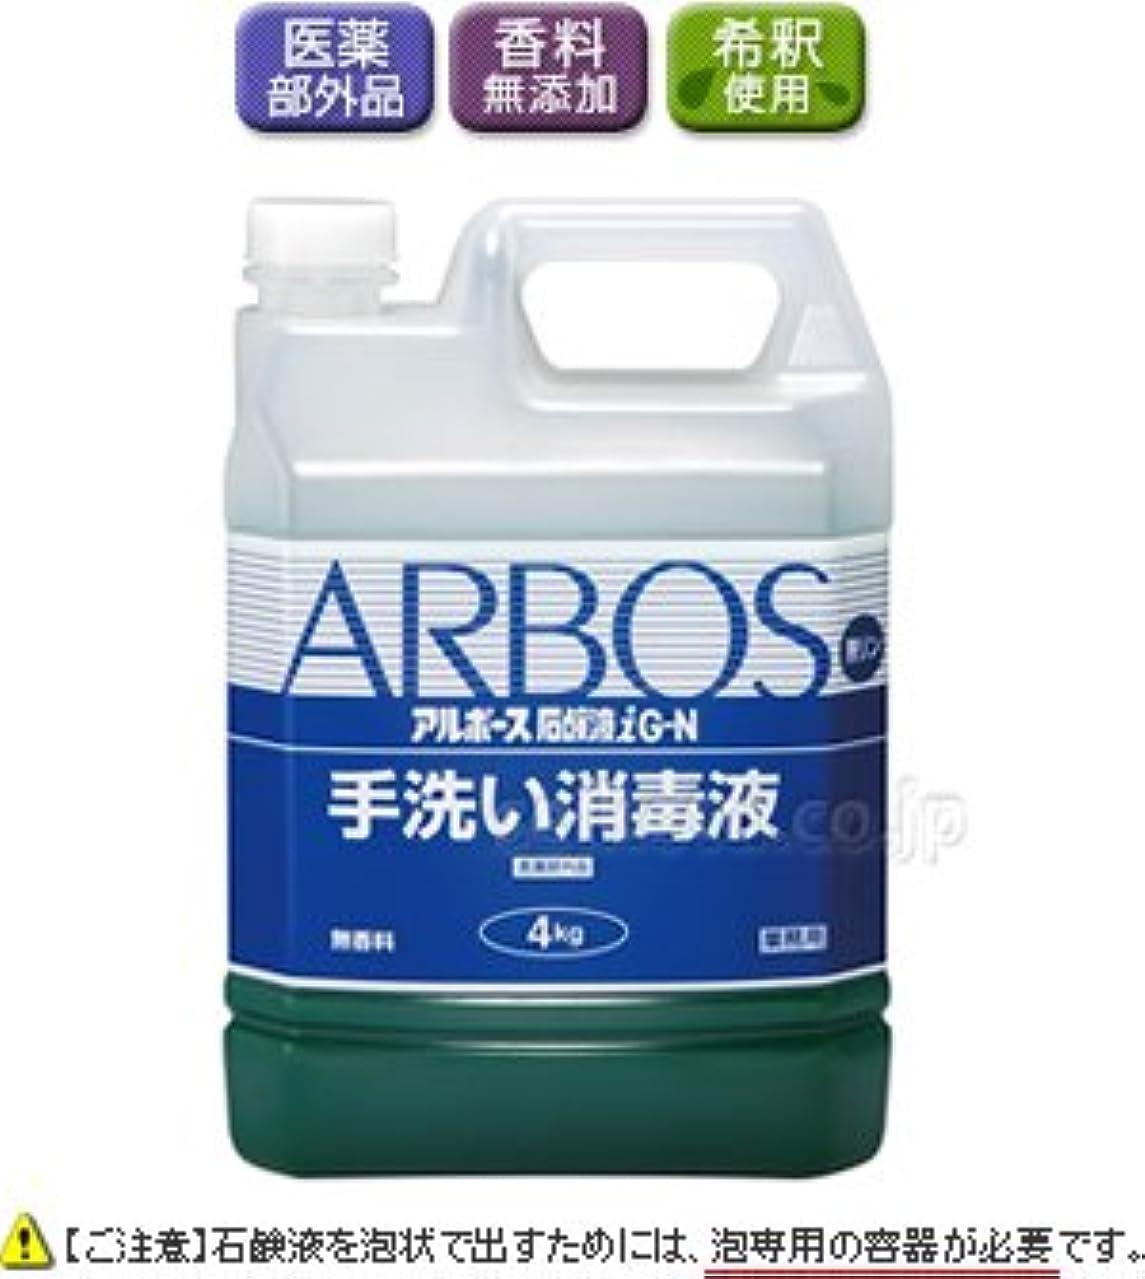 血パッド余暇【清潔キレイ館】アルボース石鹸液iG-N(4kg×1本)